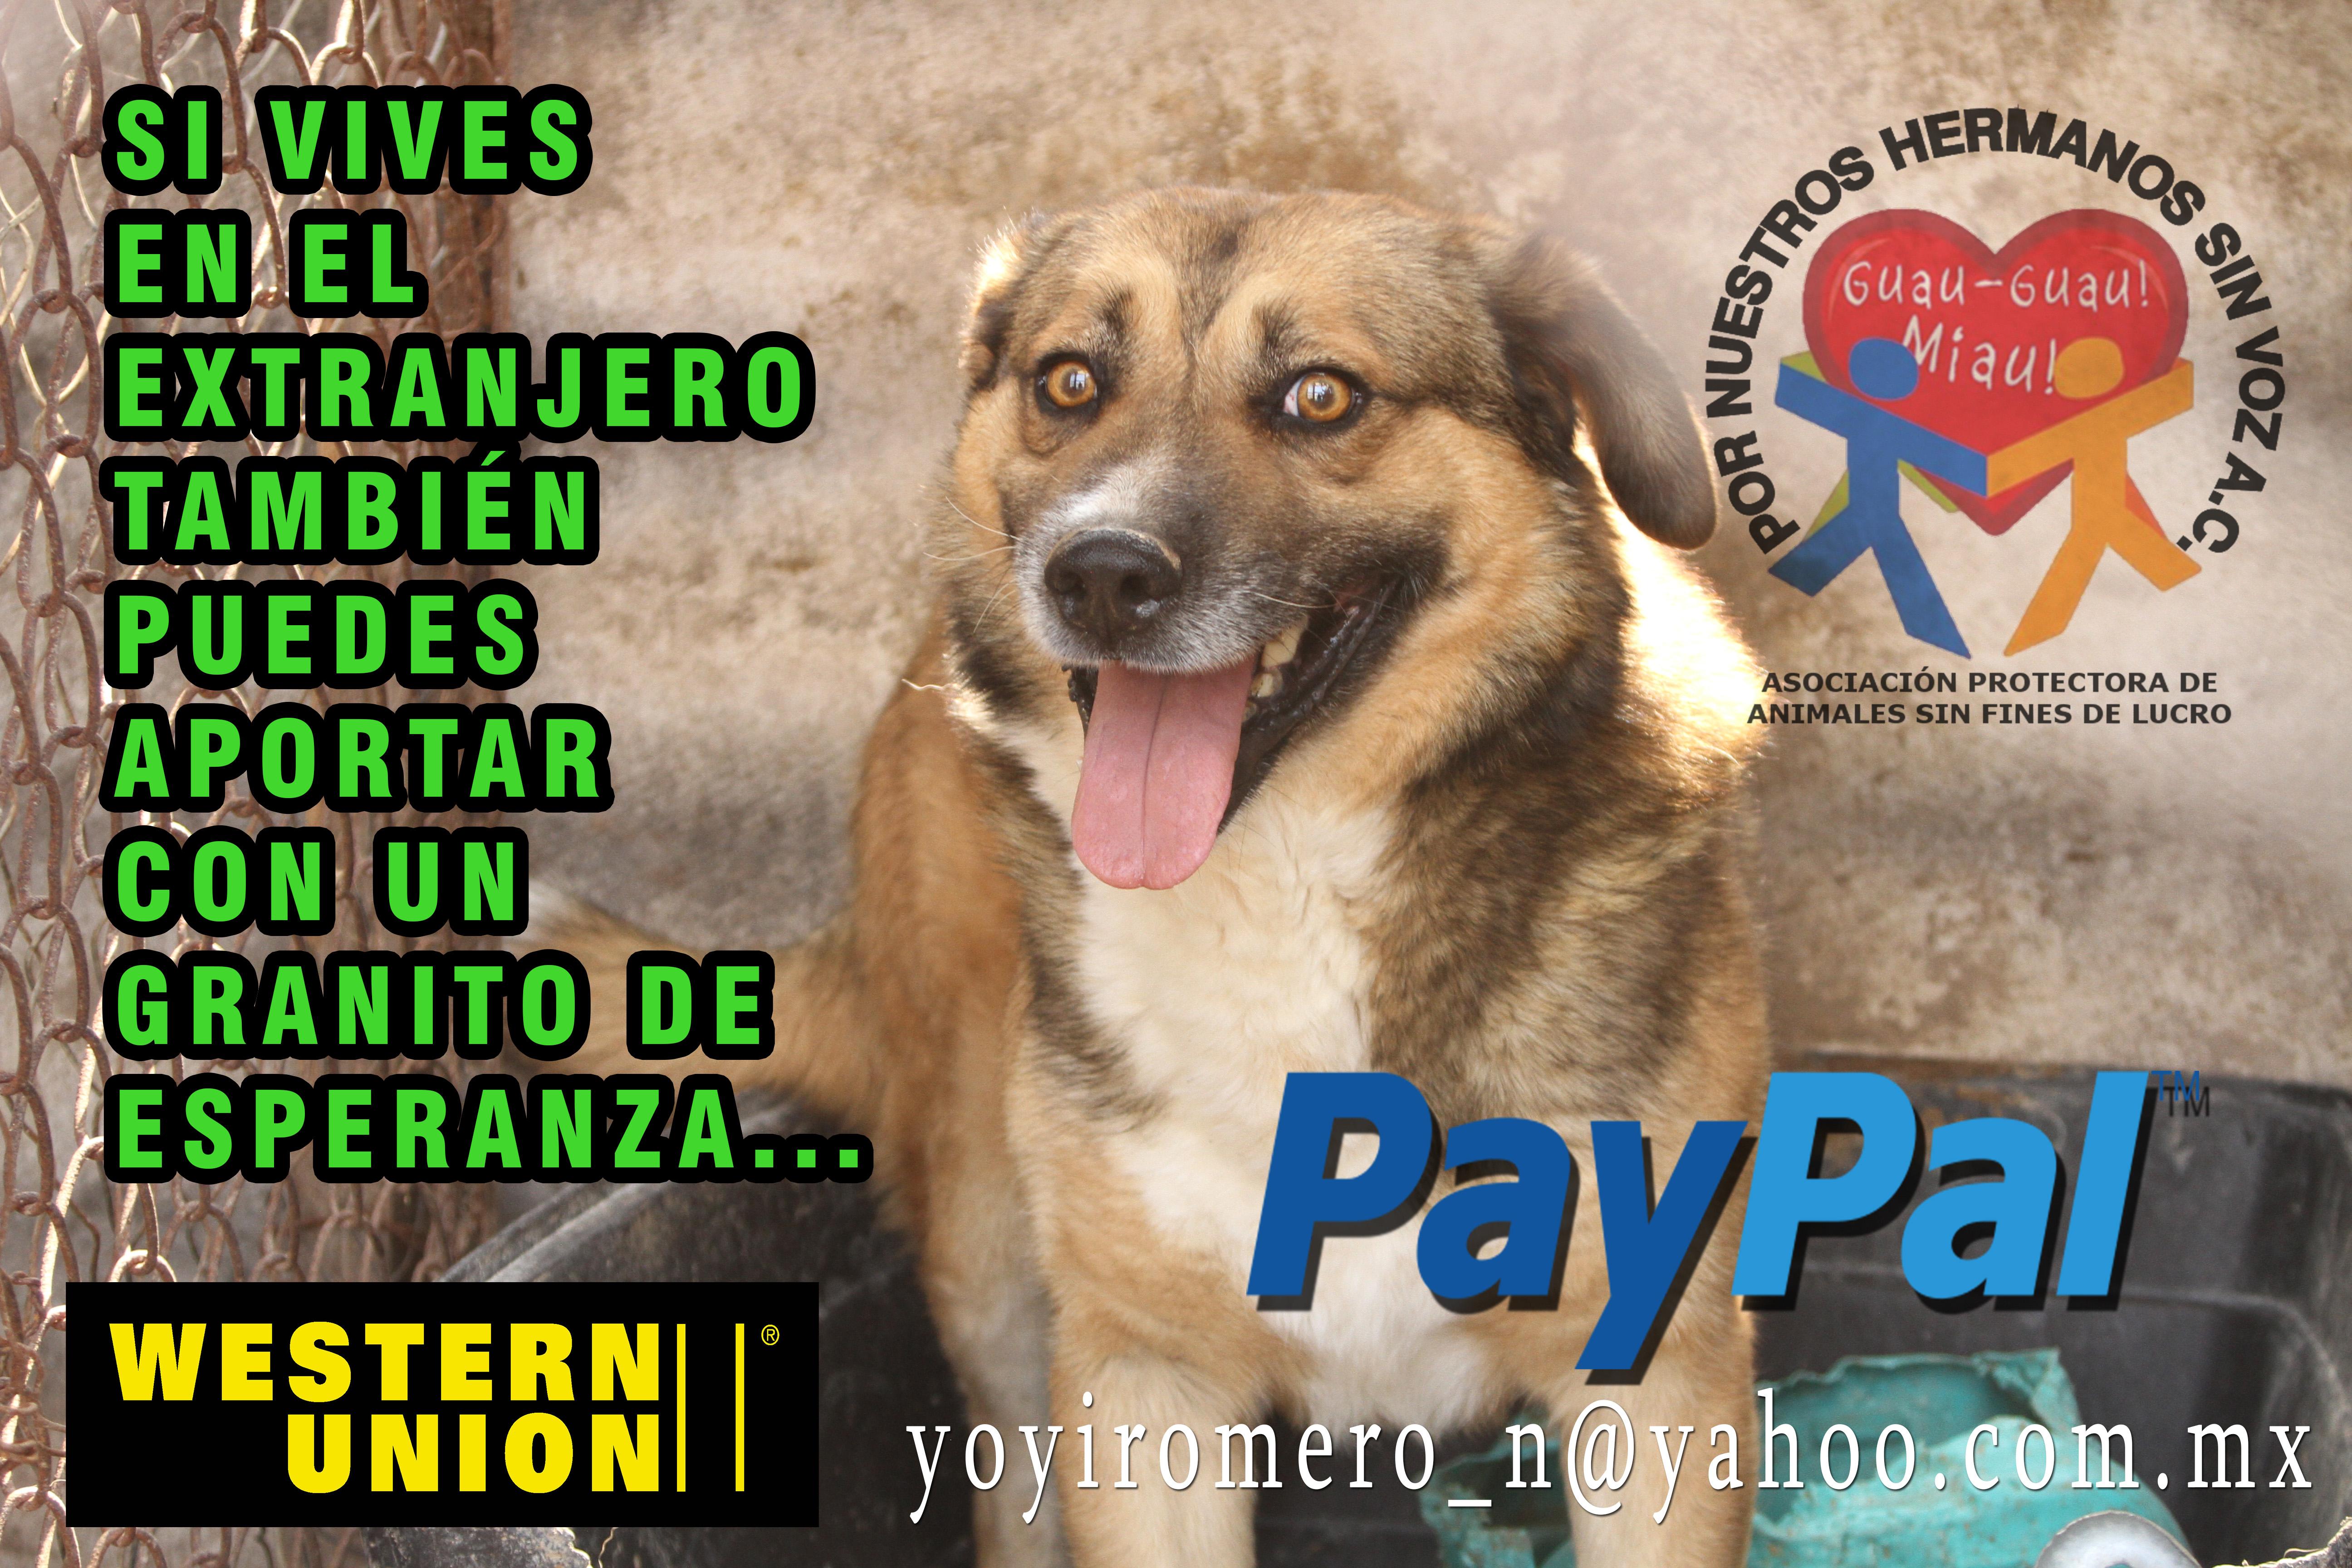 donativo extranjero